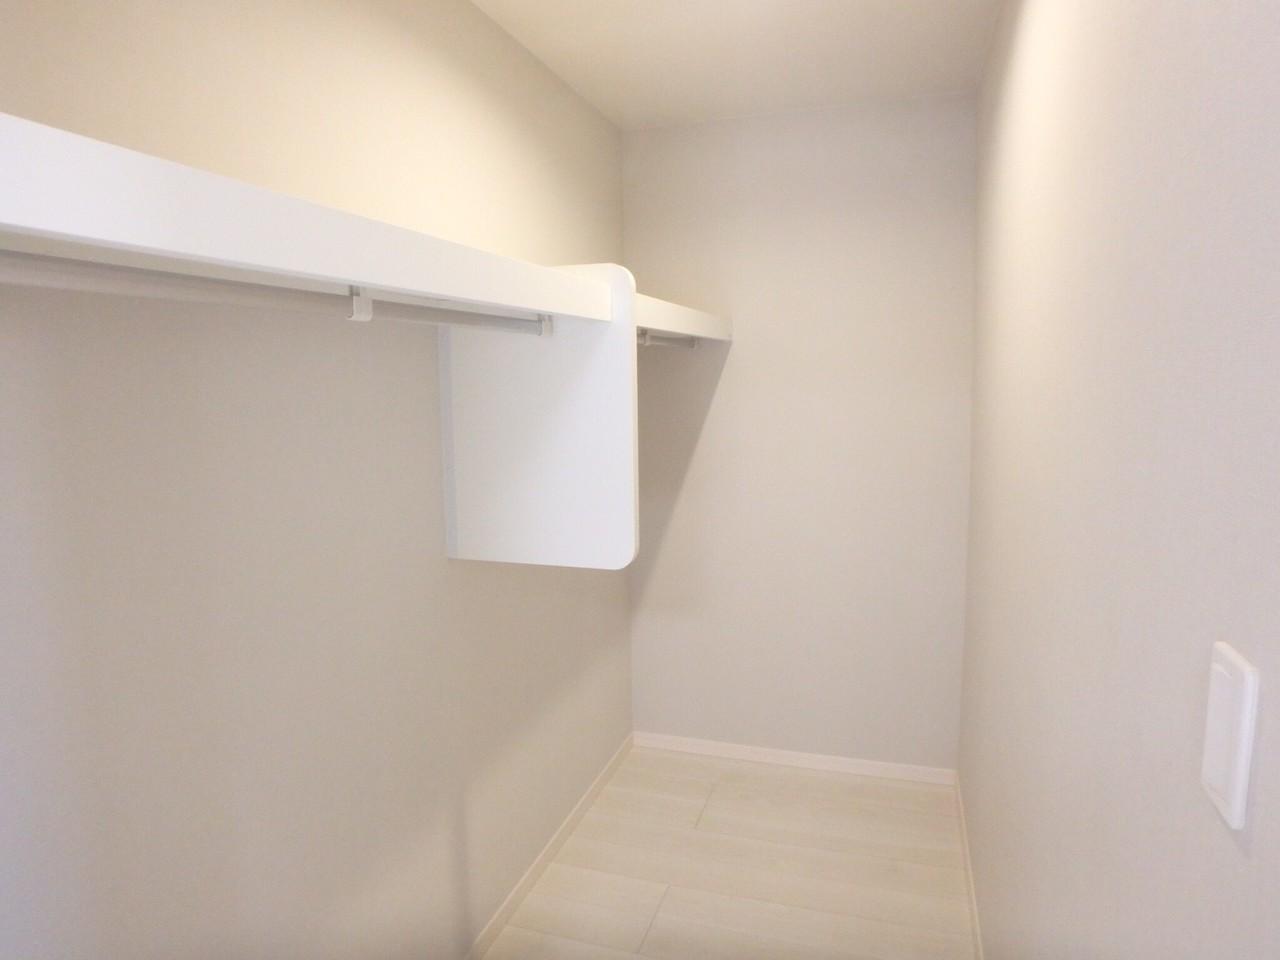 8畳の洋室には大きなウォークインクローゼットがあります!お洋服が多い方もしっかり収納出来ます。